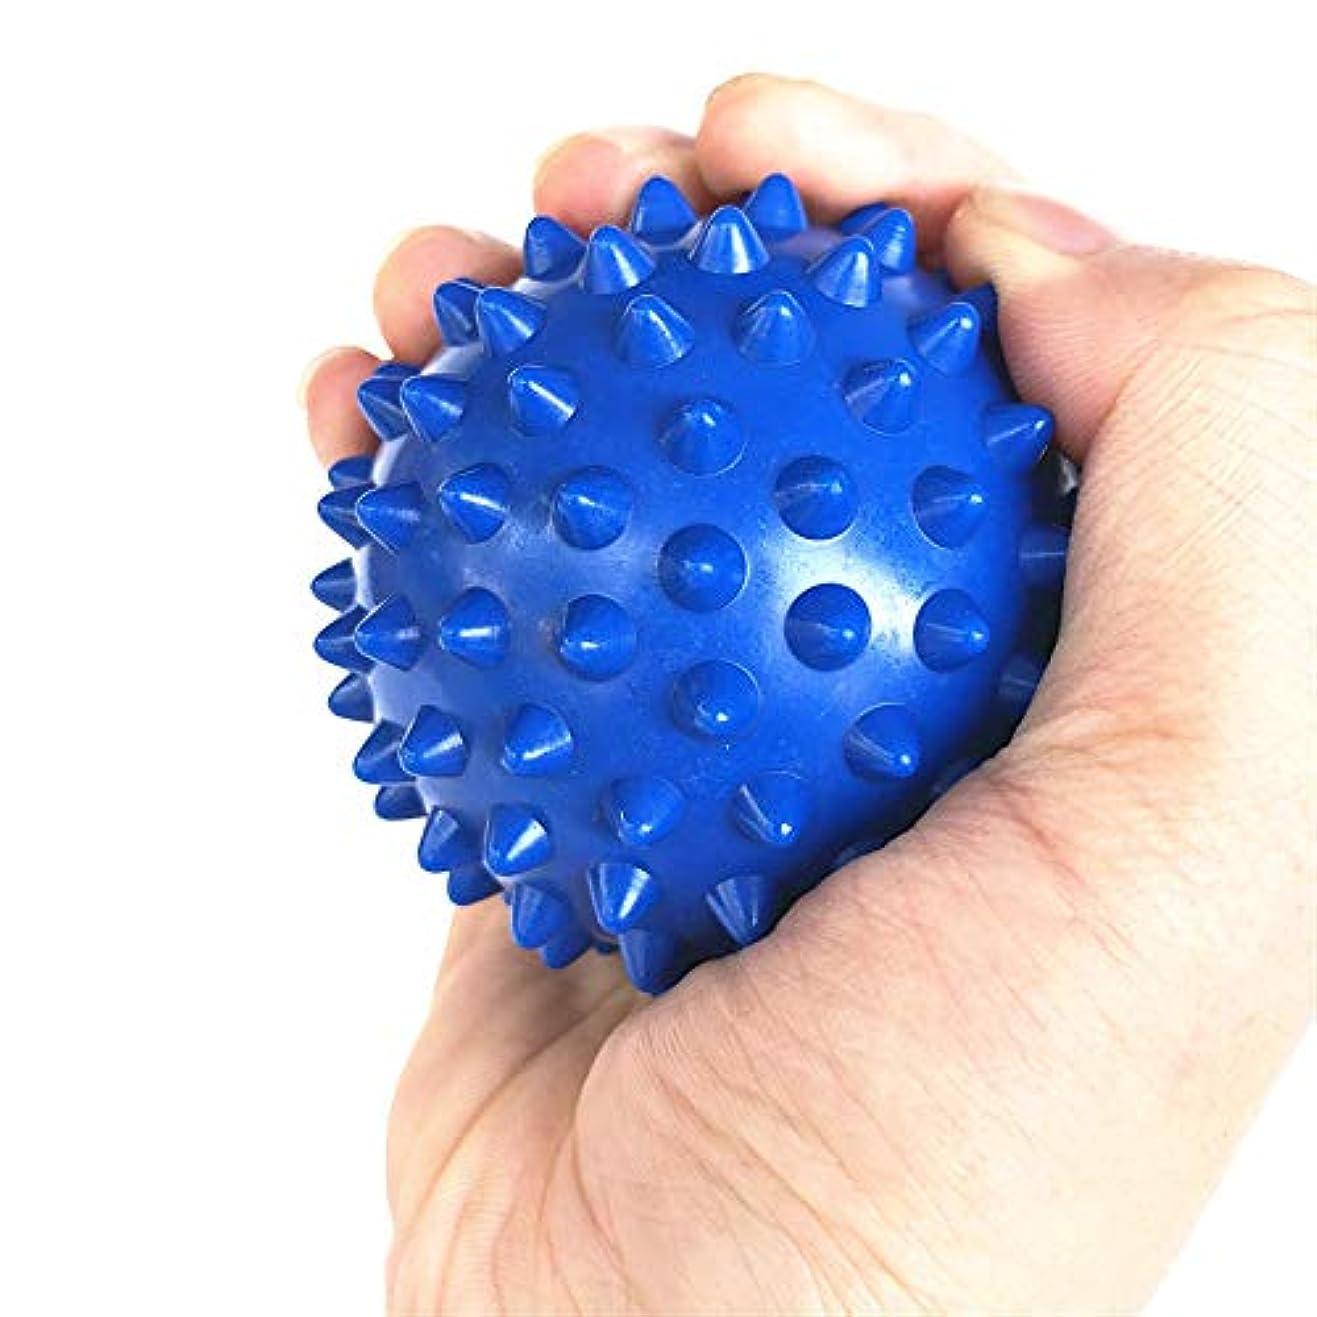 転送ボイラー慎重Tyou ラクロスボールテンションリリースマッサージボールのための足のマッサージボールのためのMyofasicalボールの運動ボールの青